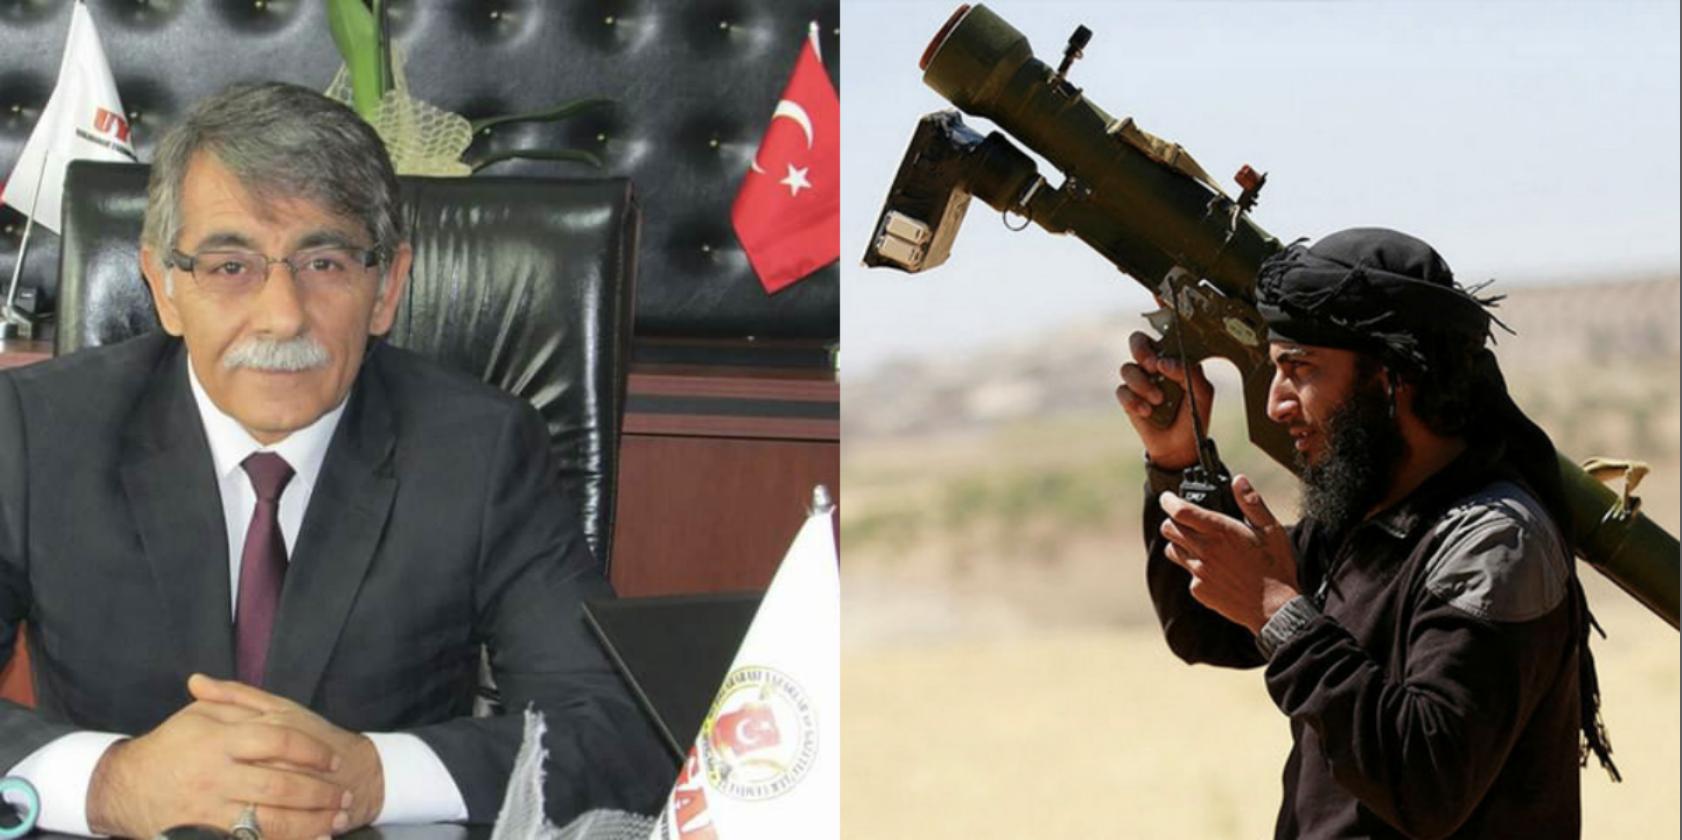 الدكتور محمد جانبكلي ومقاتل من المعارضة يحمل مضاد طيران